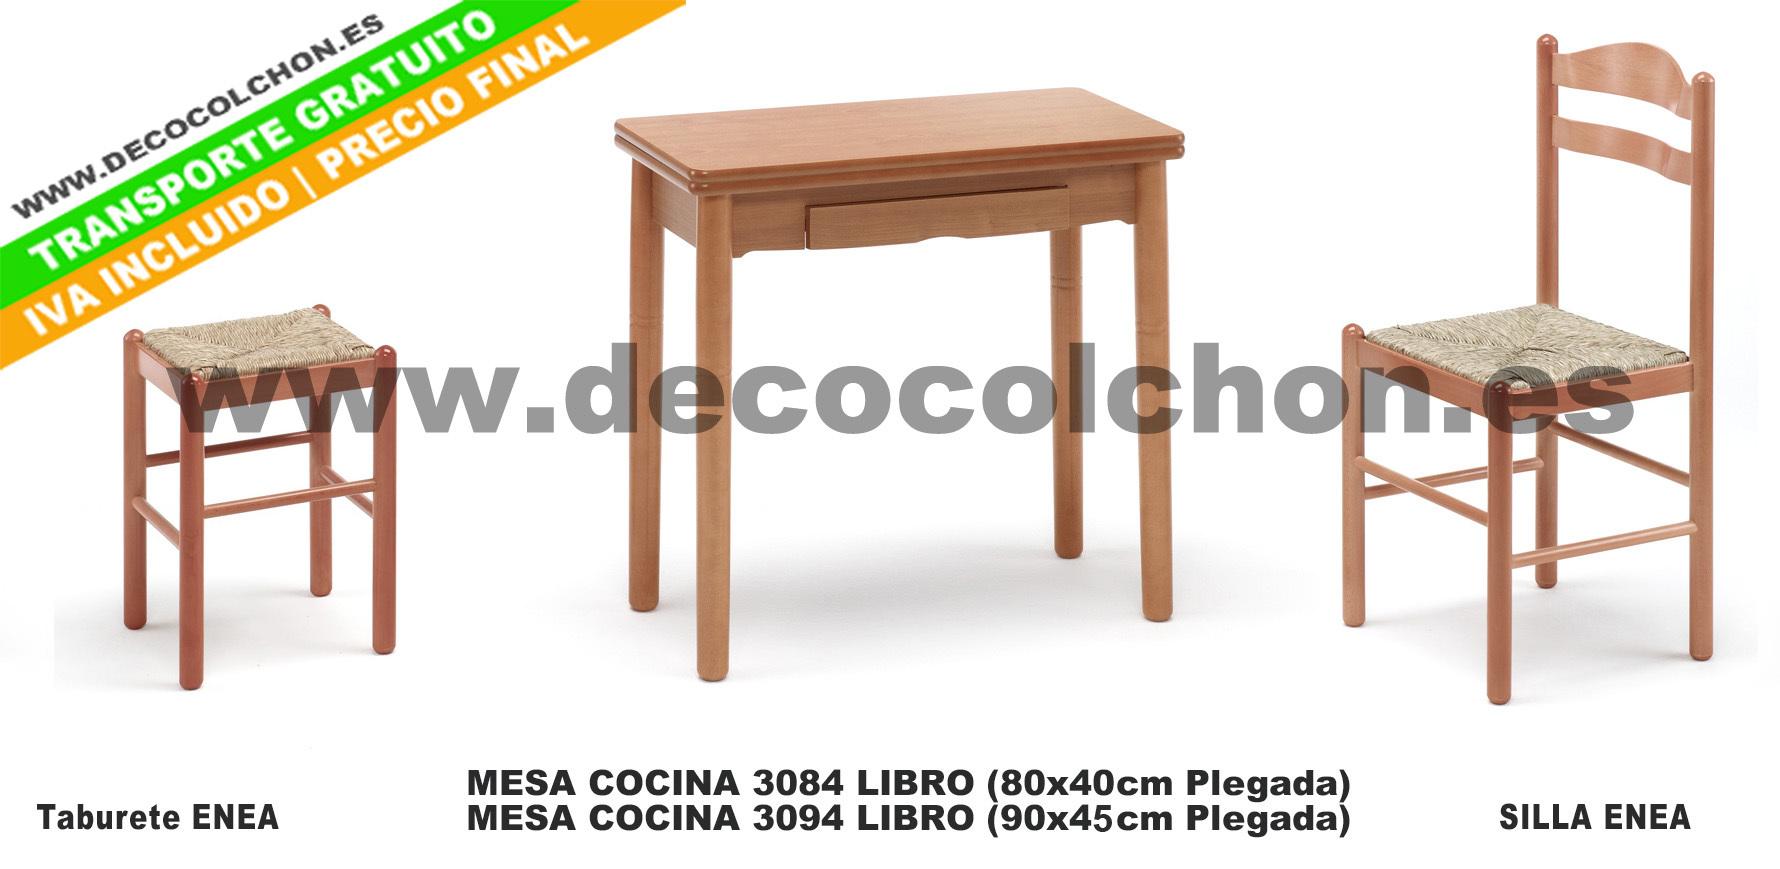 MESA COCINA 3094 | Decora Descans Complementos. Mueble, hogar